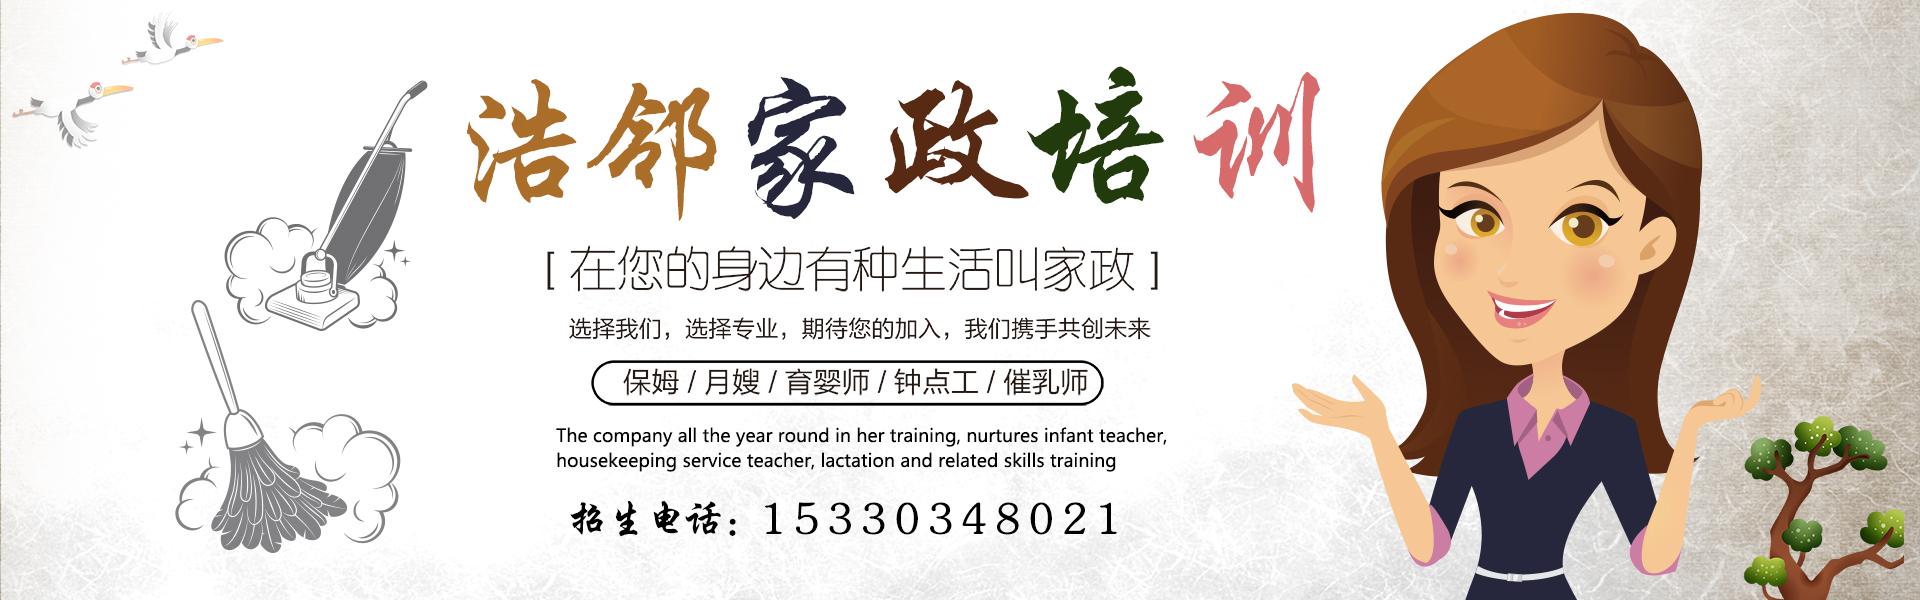 重庆浩邻家政服务有限公司是正规的企业,专业从事家政服务行业。